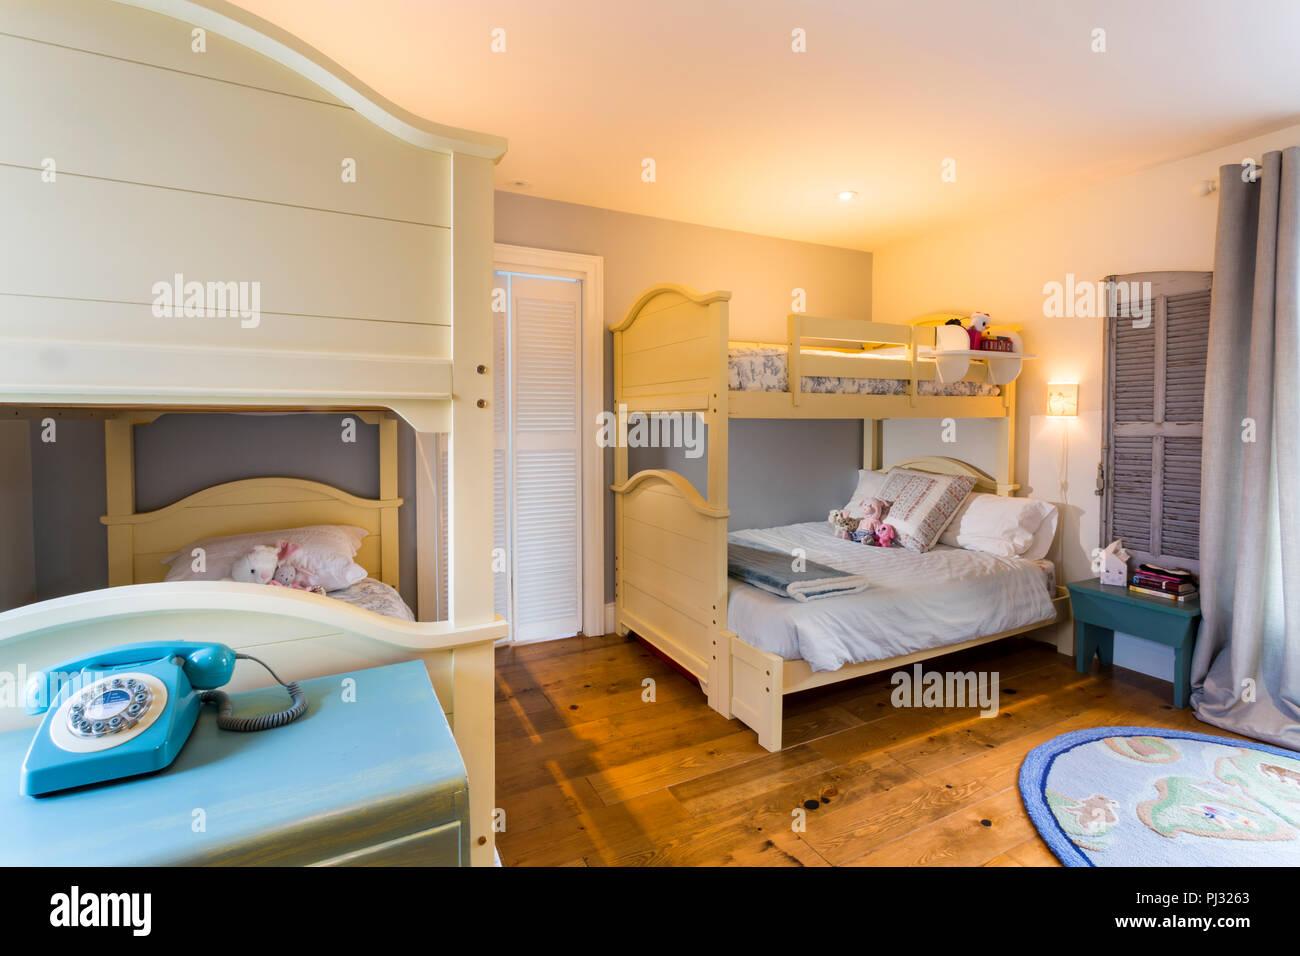 Etagenbett Dreifach : Kinder s schlafzimmer mit etagenbett stockfoto bild: 217655819 alamy